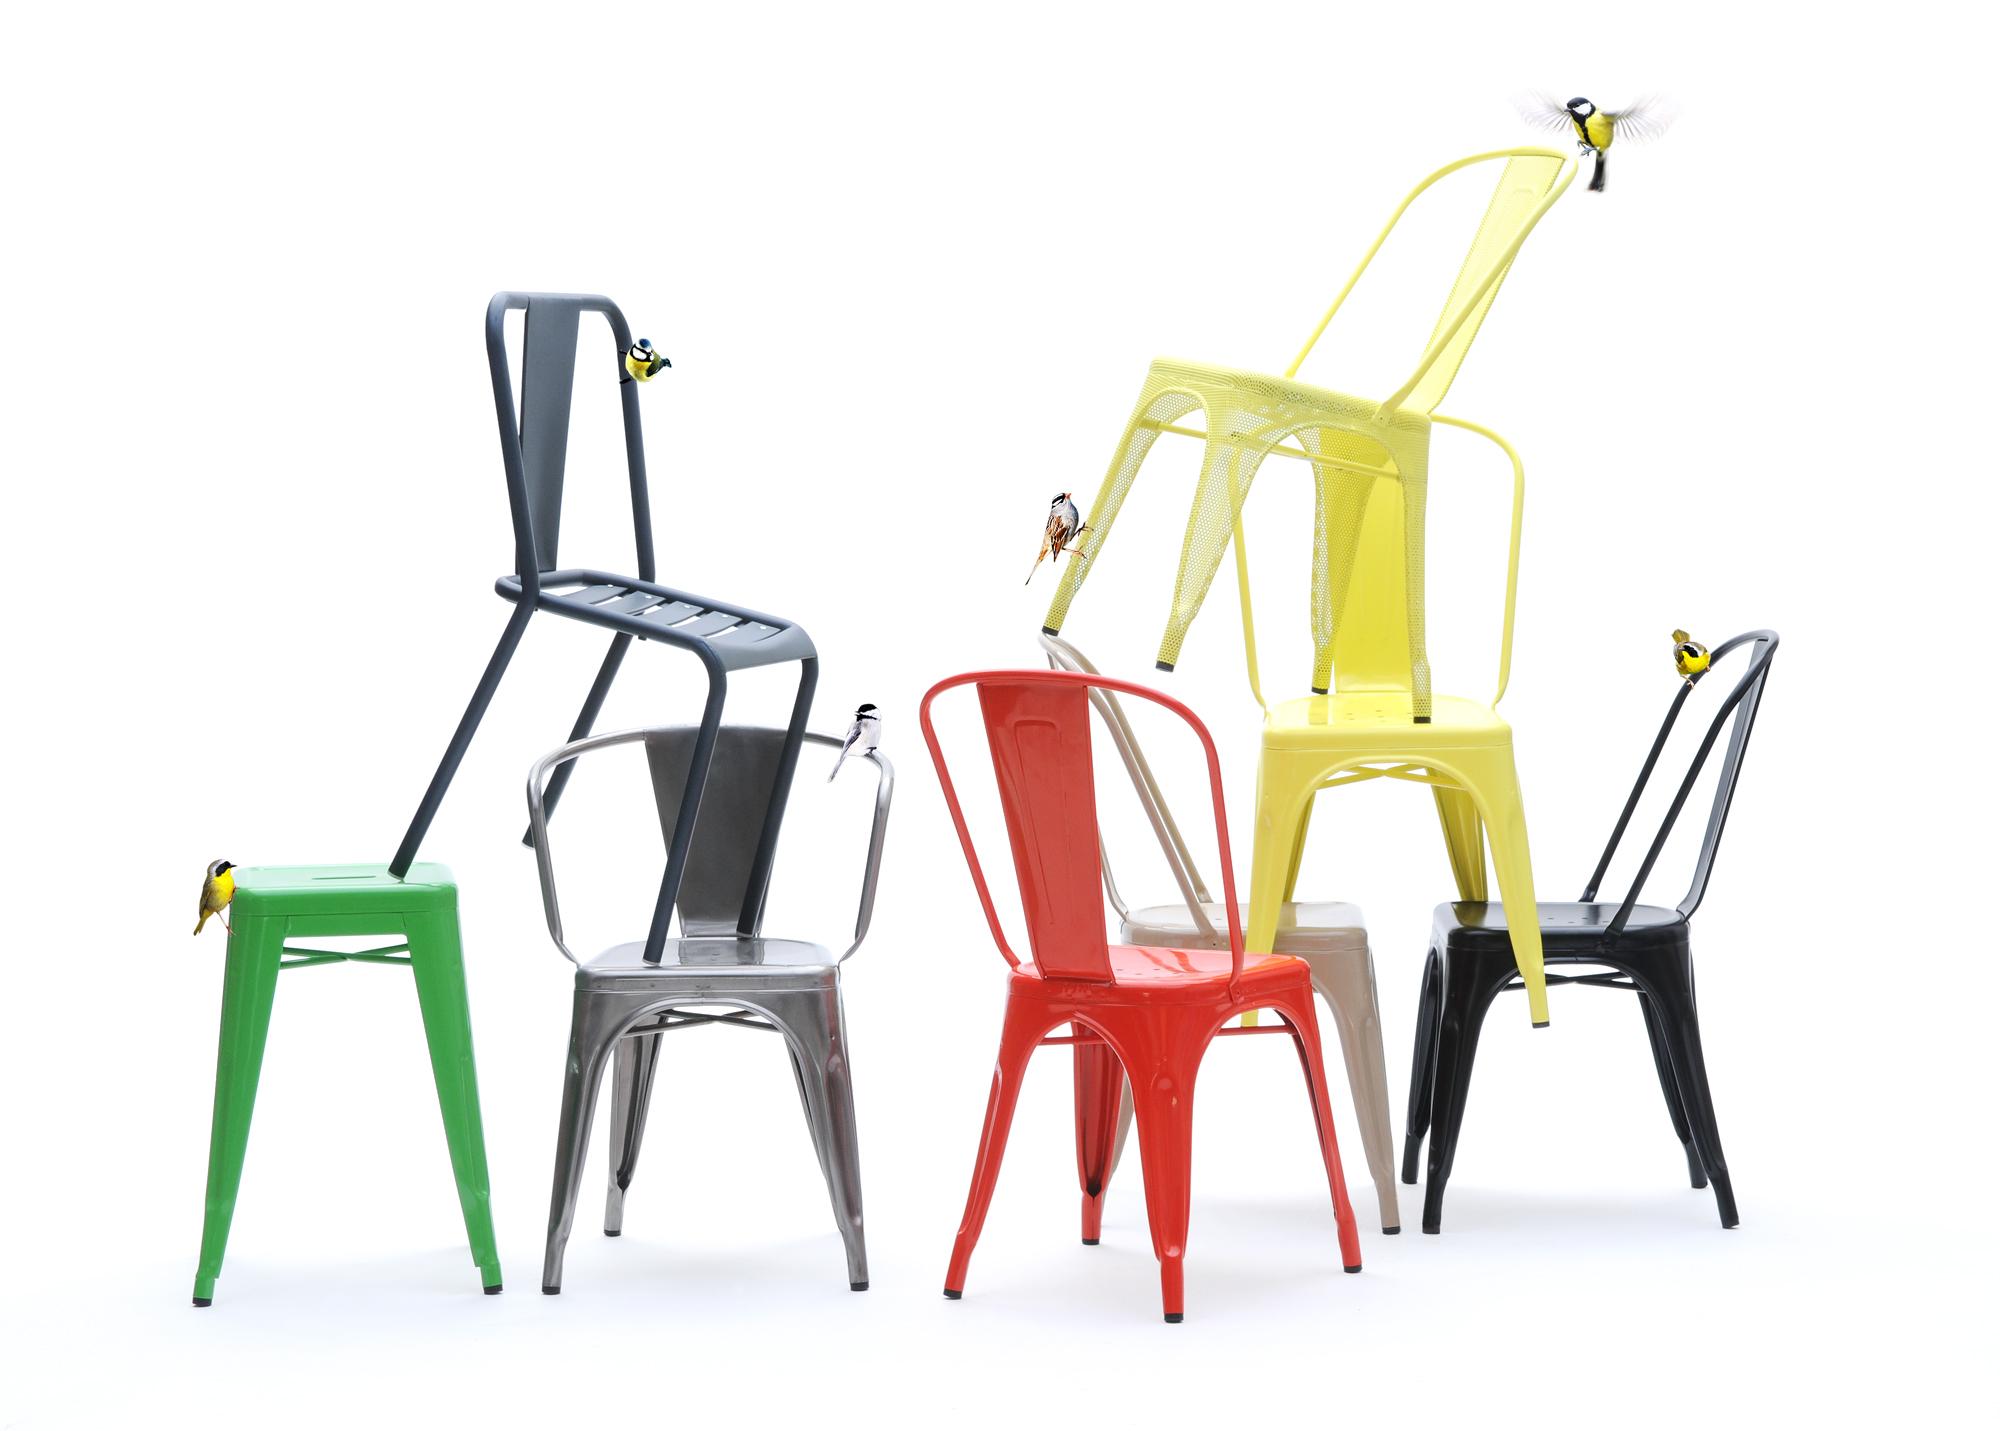 connjunto sillas tolix muebles mallorca